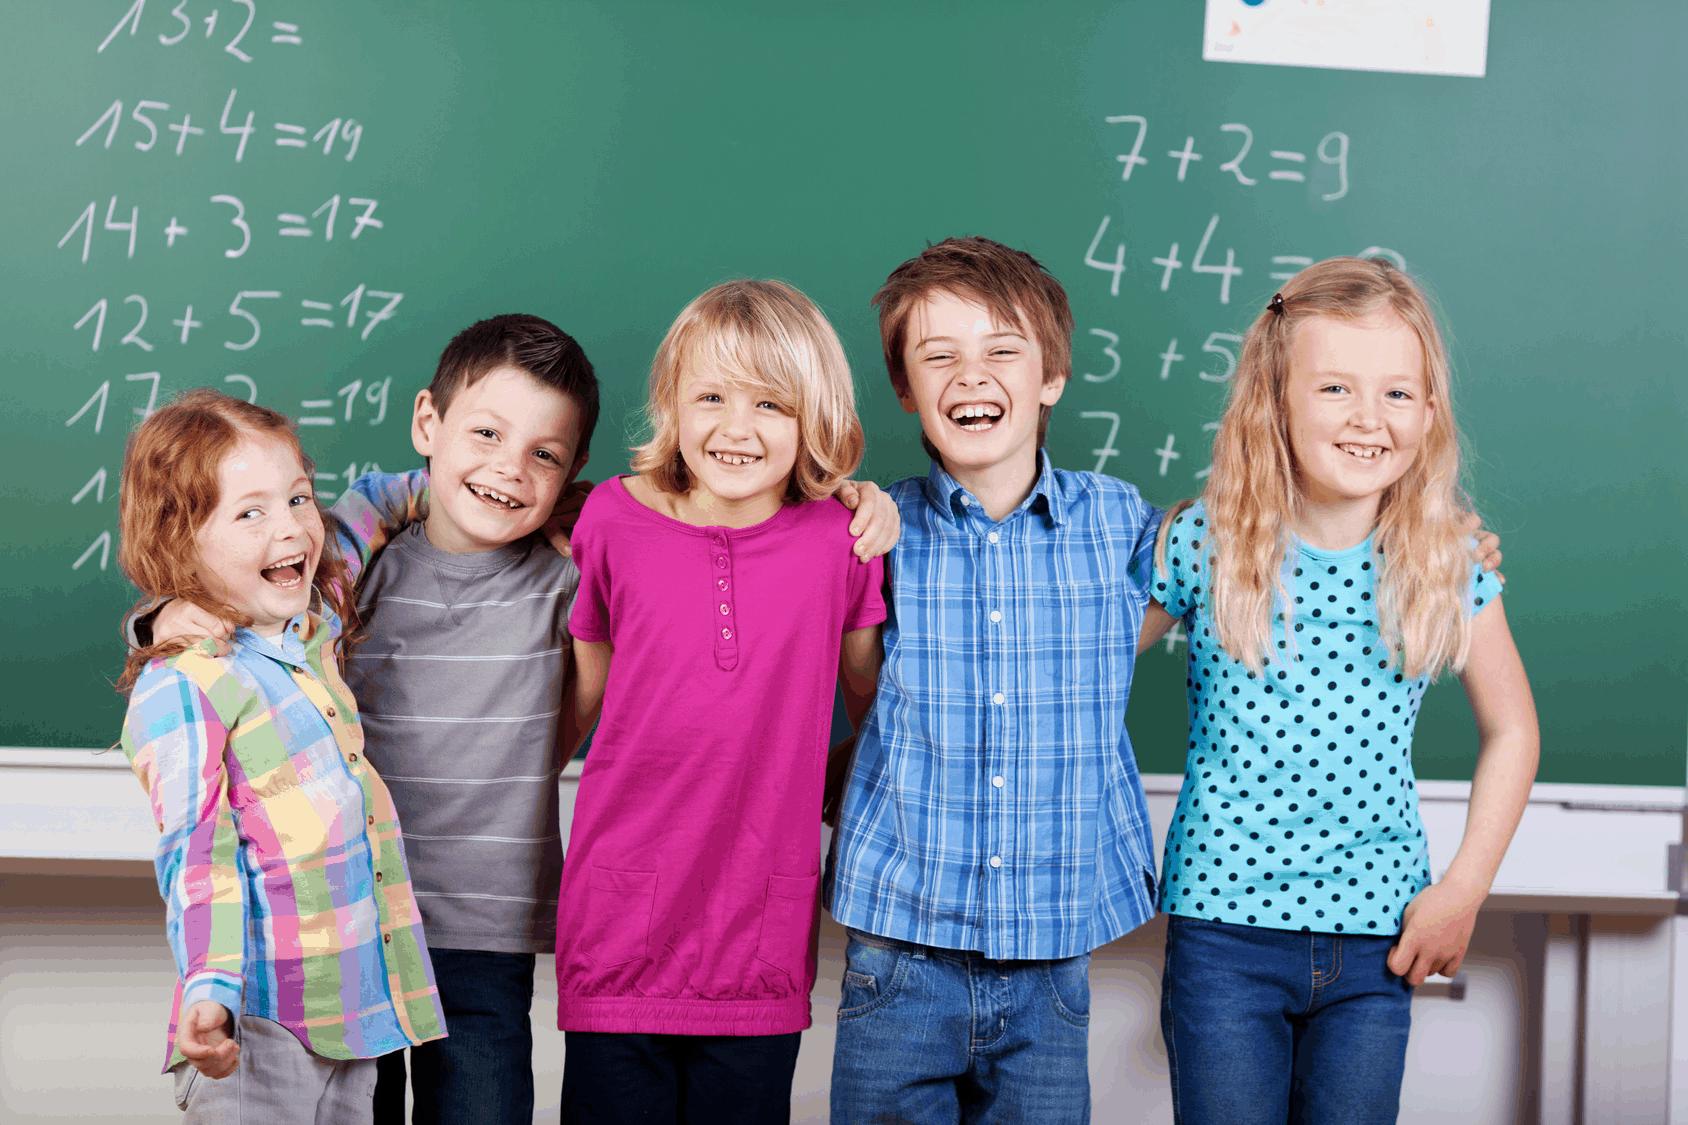 Kinder stehen lachend vor Tafel